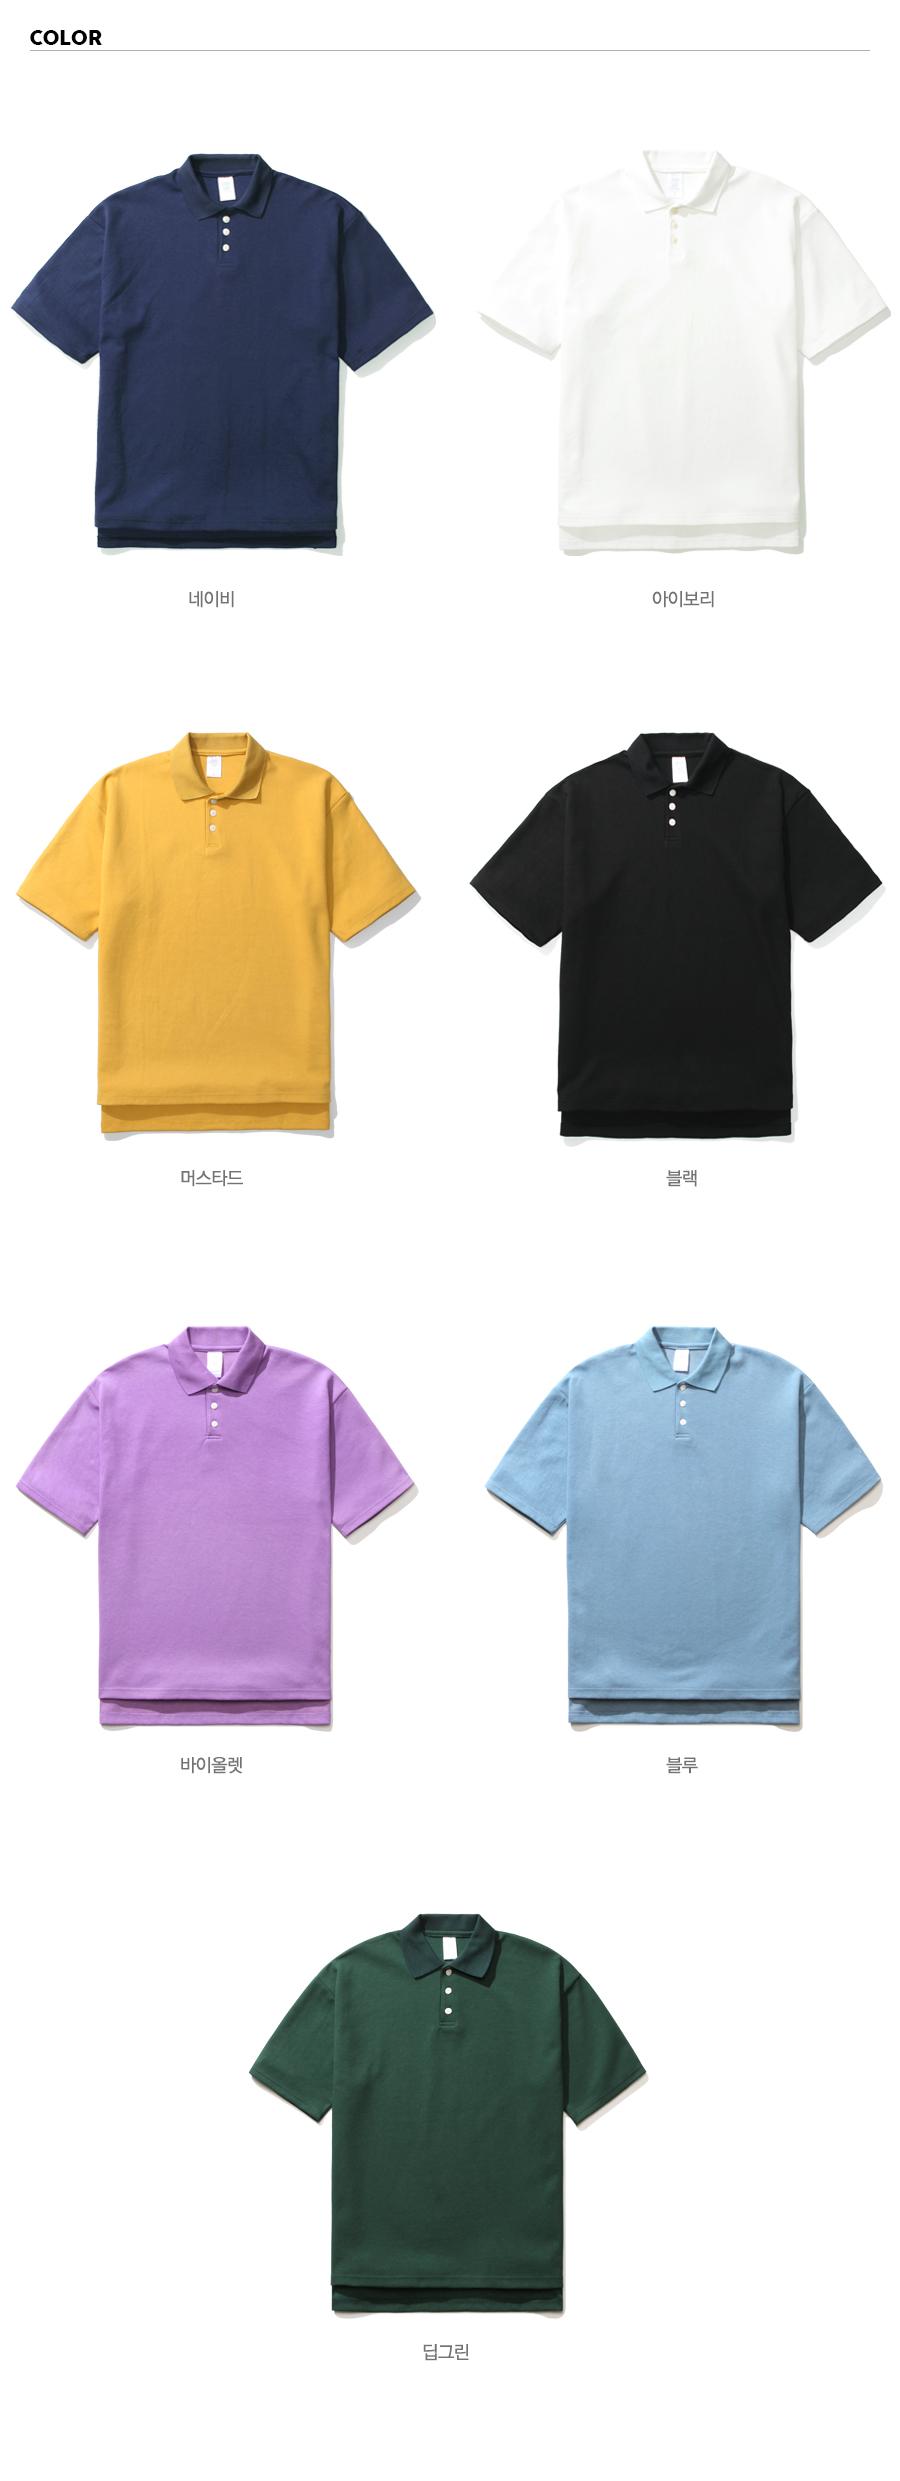 20180420_loosefit_collar_color_kj.jpg